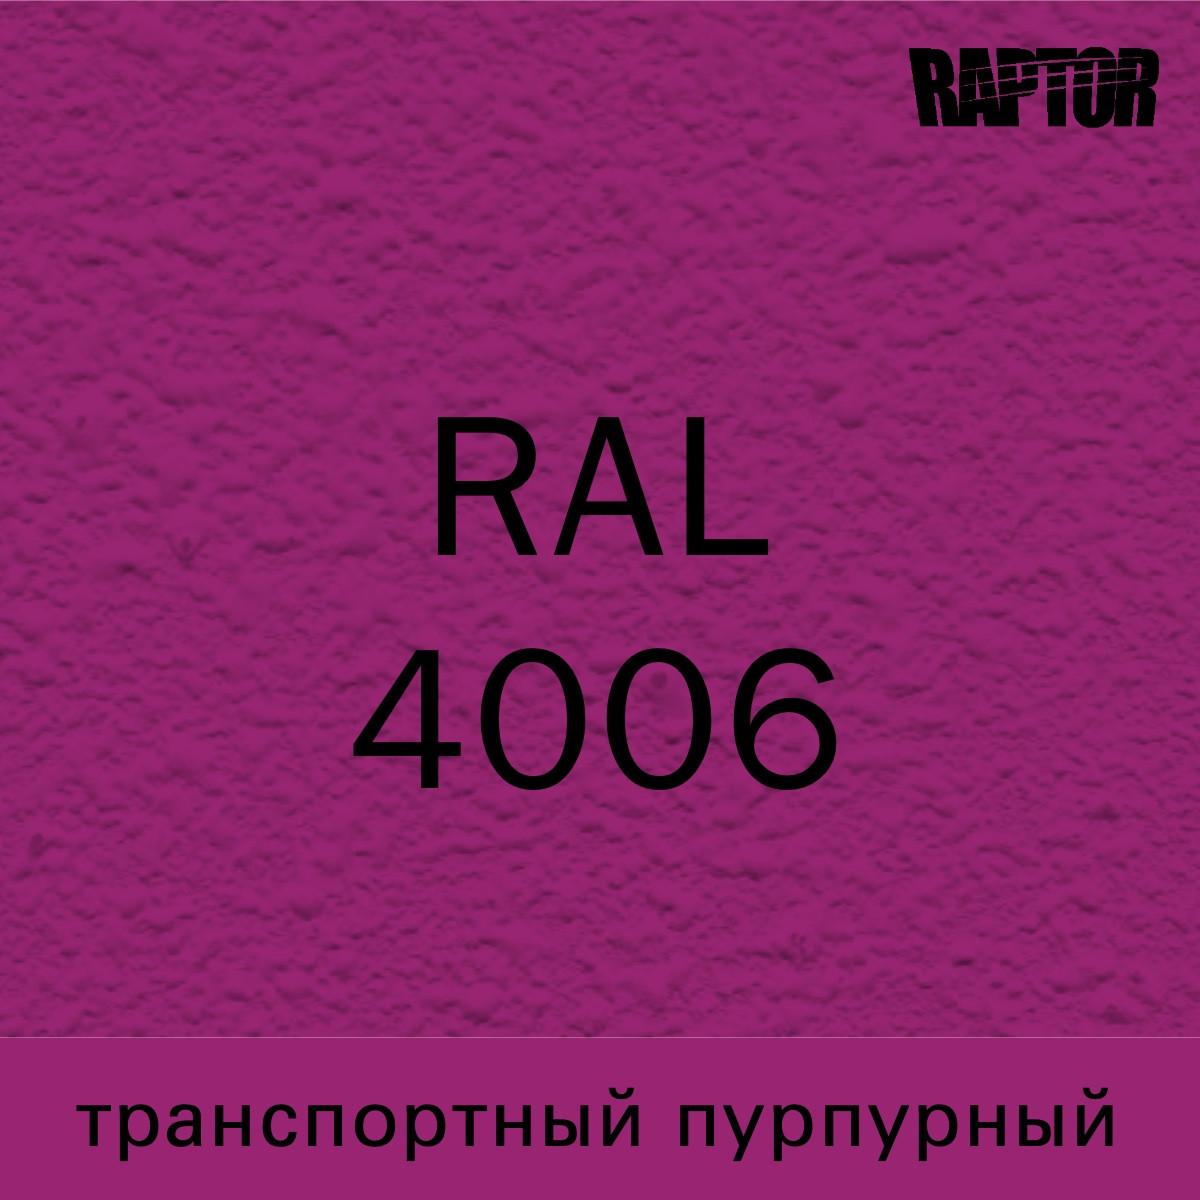 Пигмент для колеровки покрытия RAPTOR™ Транспортный пурпурный (RAL 4006)